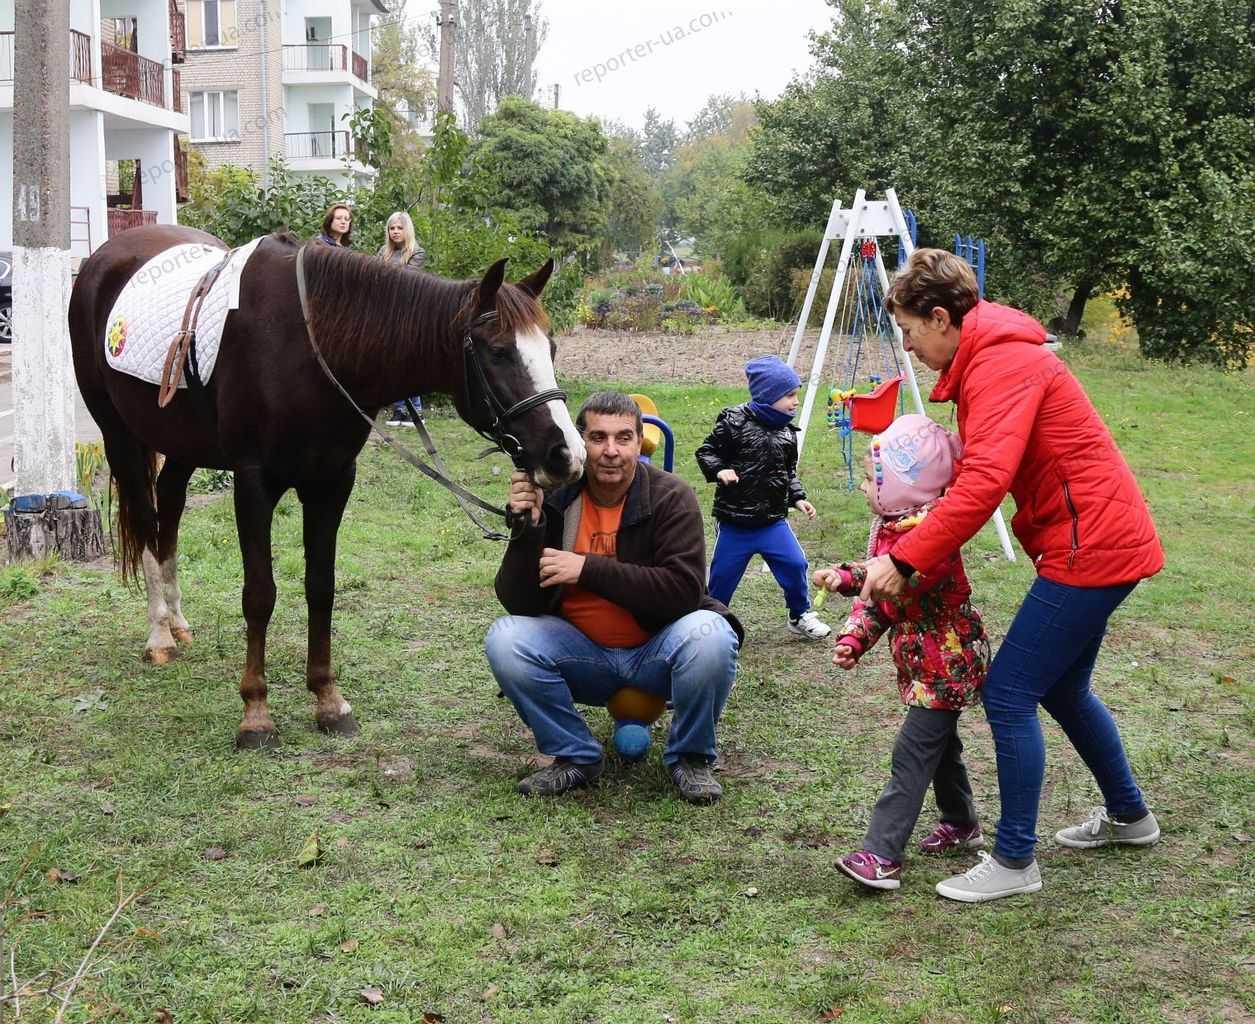 Доктор лошадь. как иппотерапия помогает вреабилитации неизлечимых больных